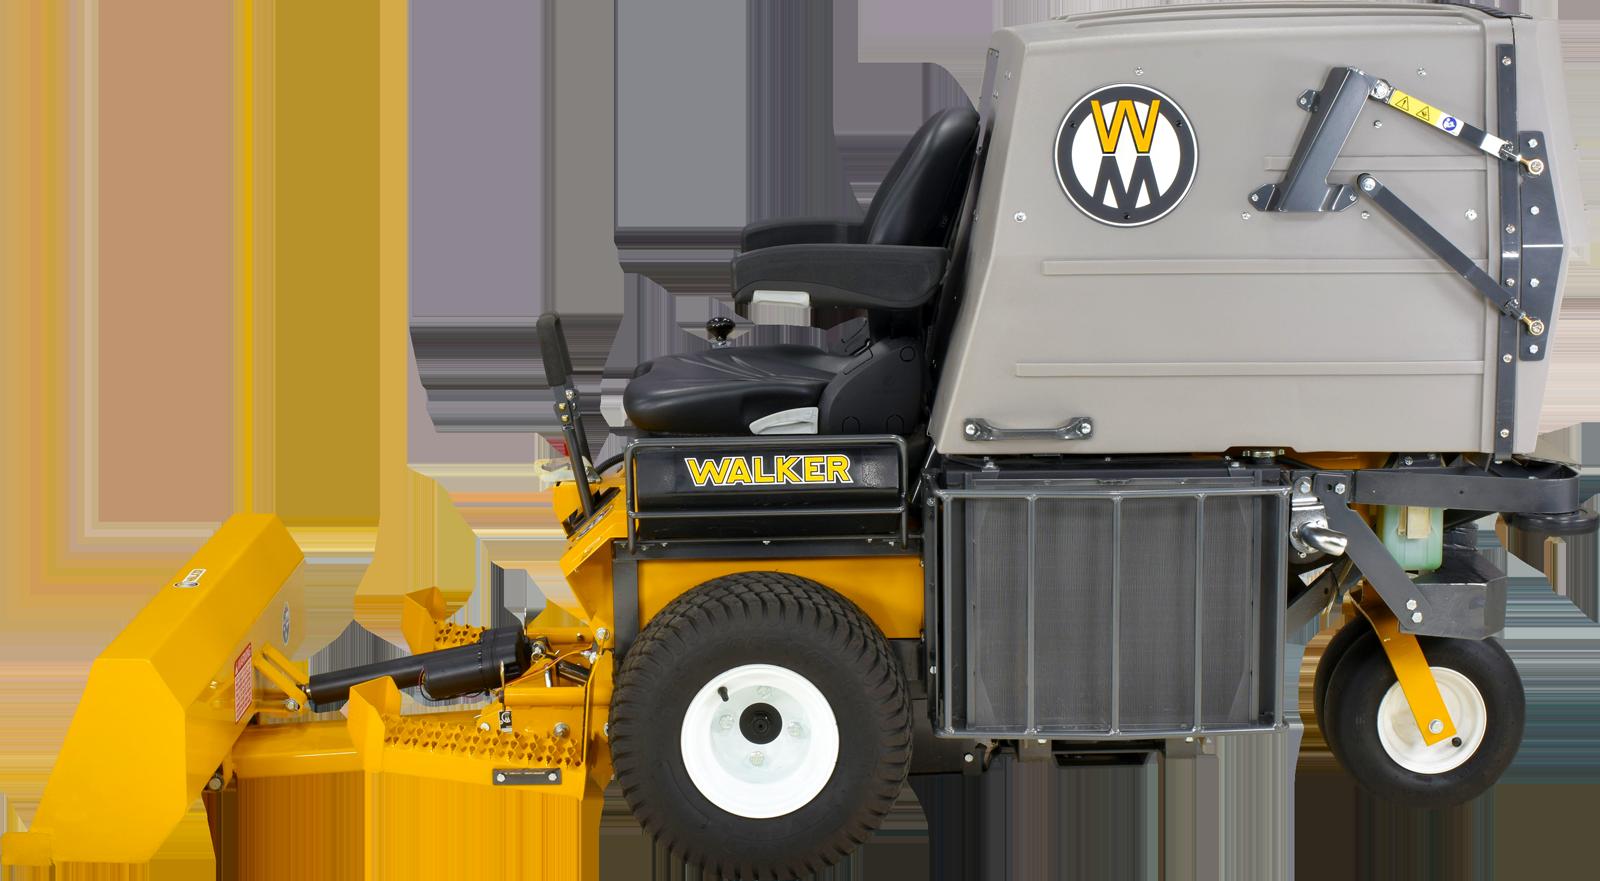 The Walker H18 Loader Bucket